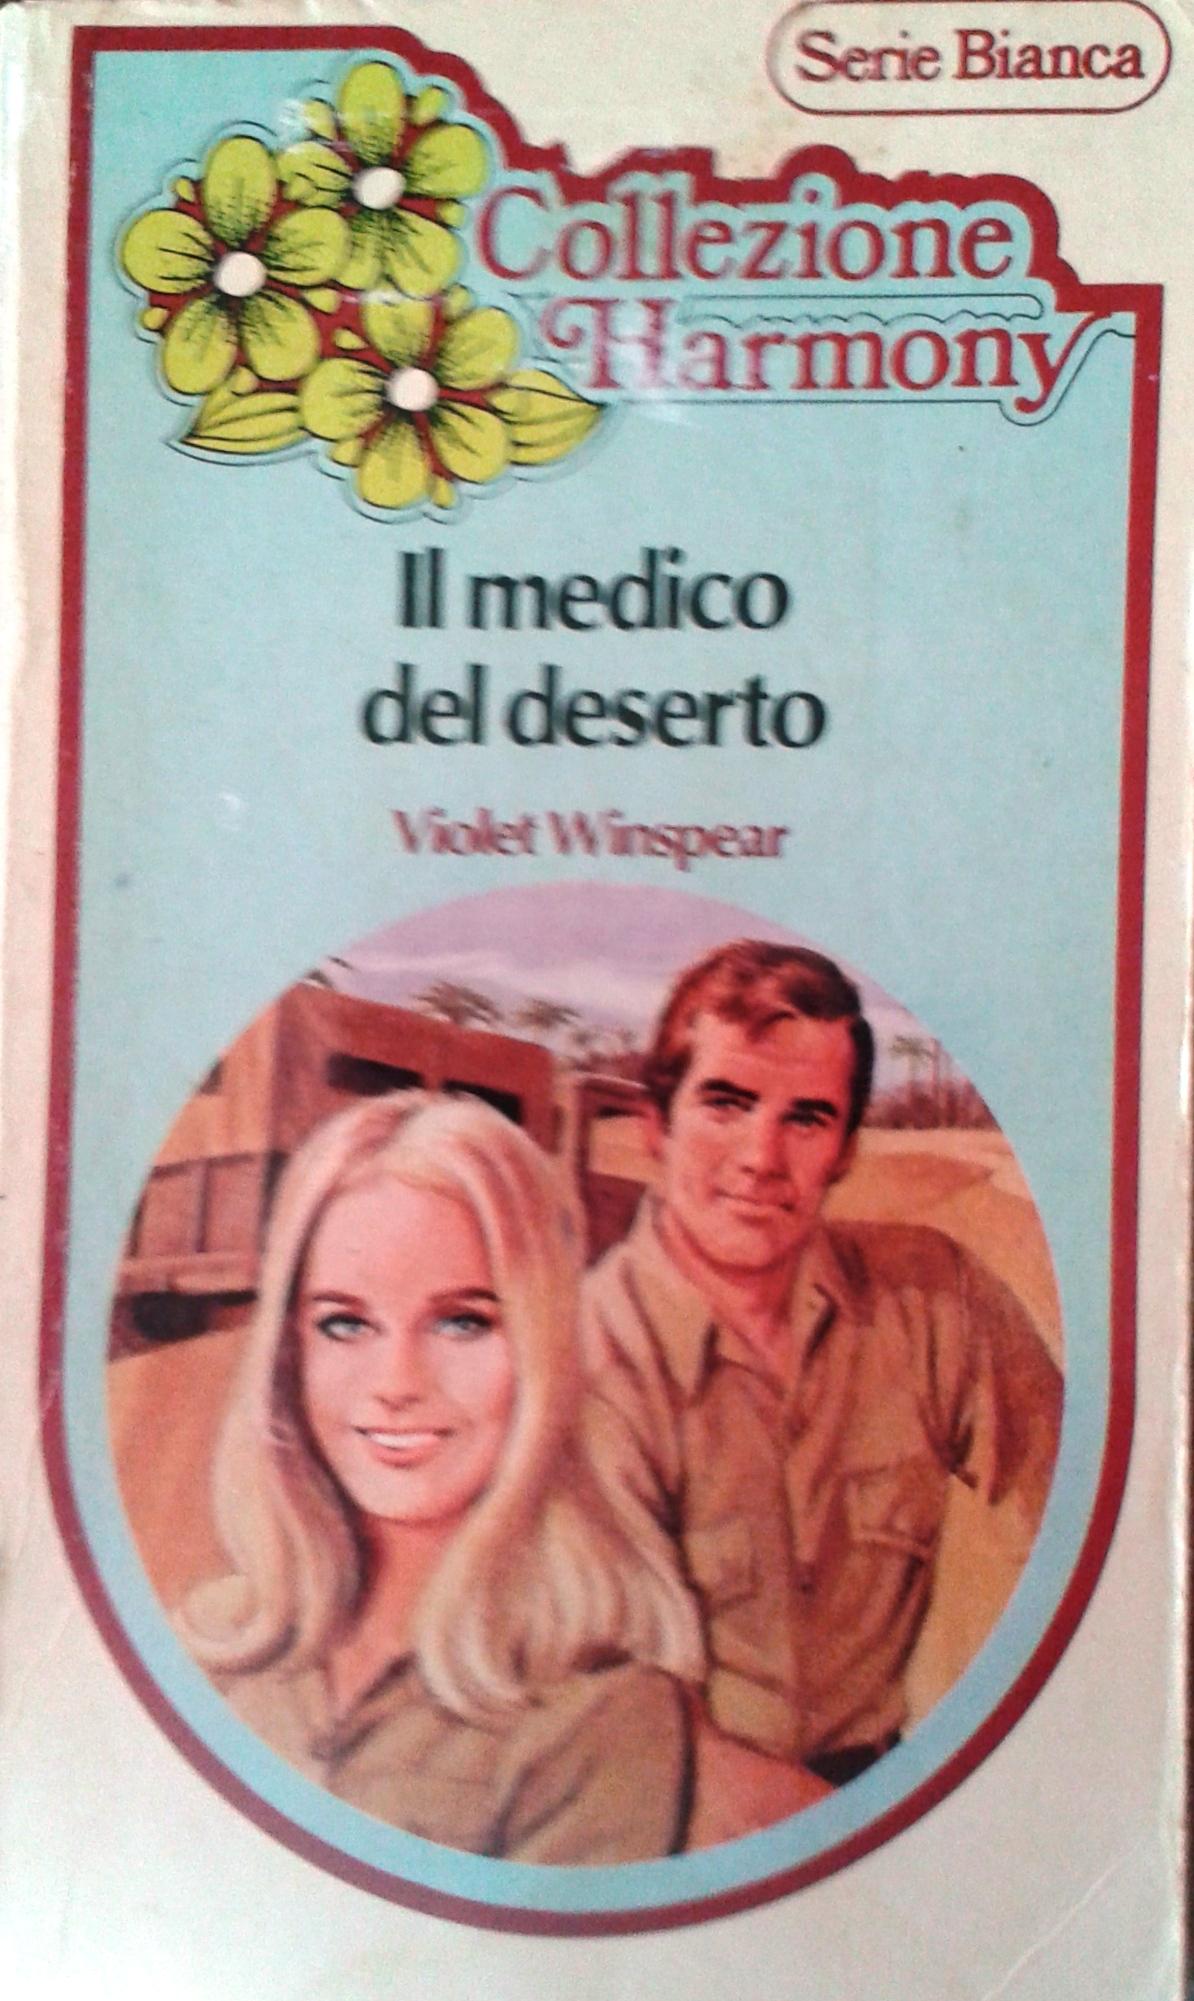 Il medico del deserto